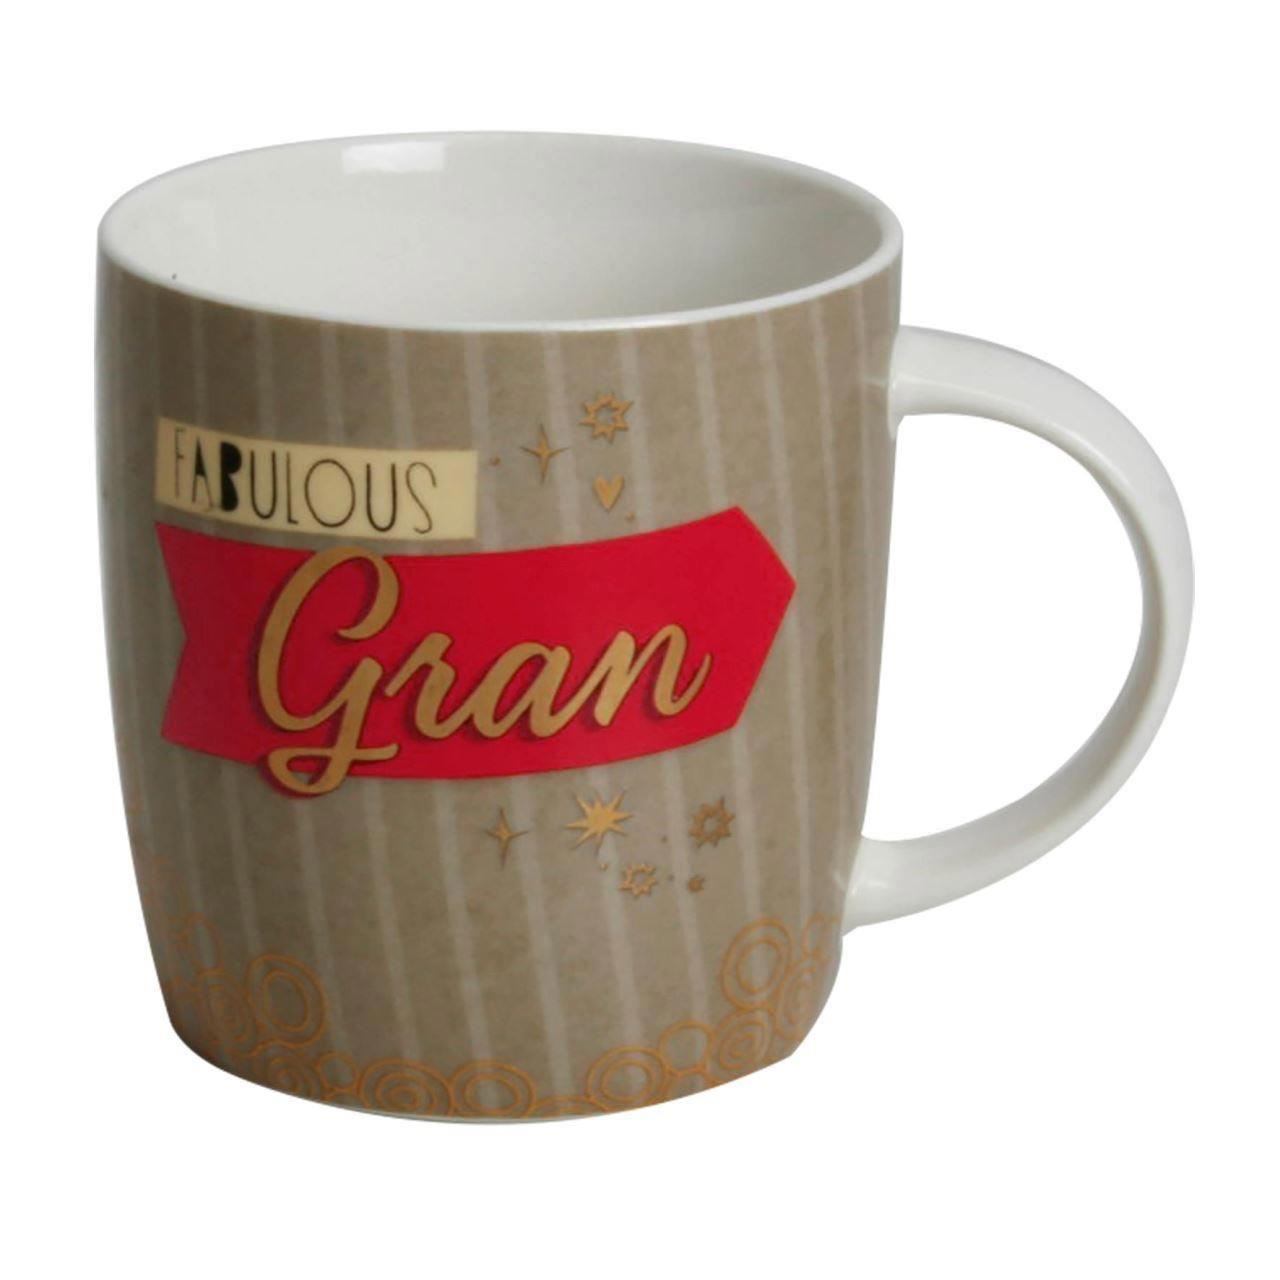 Cana pentru bunica Fabulous Gran